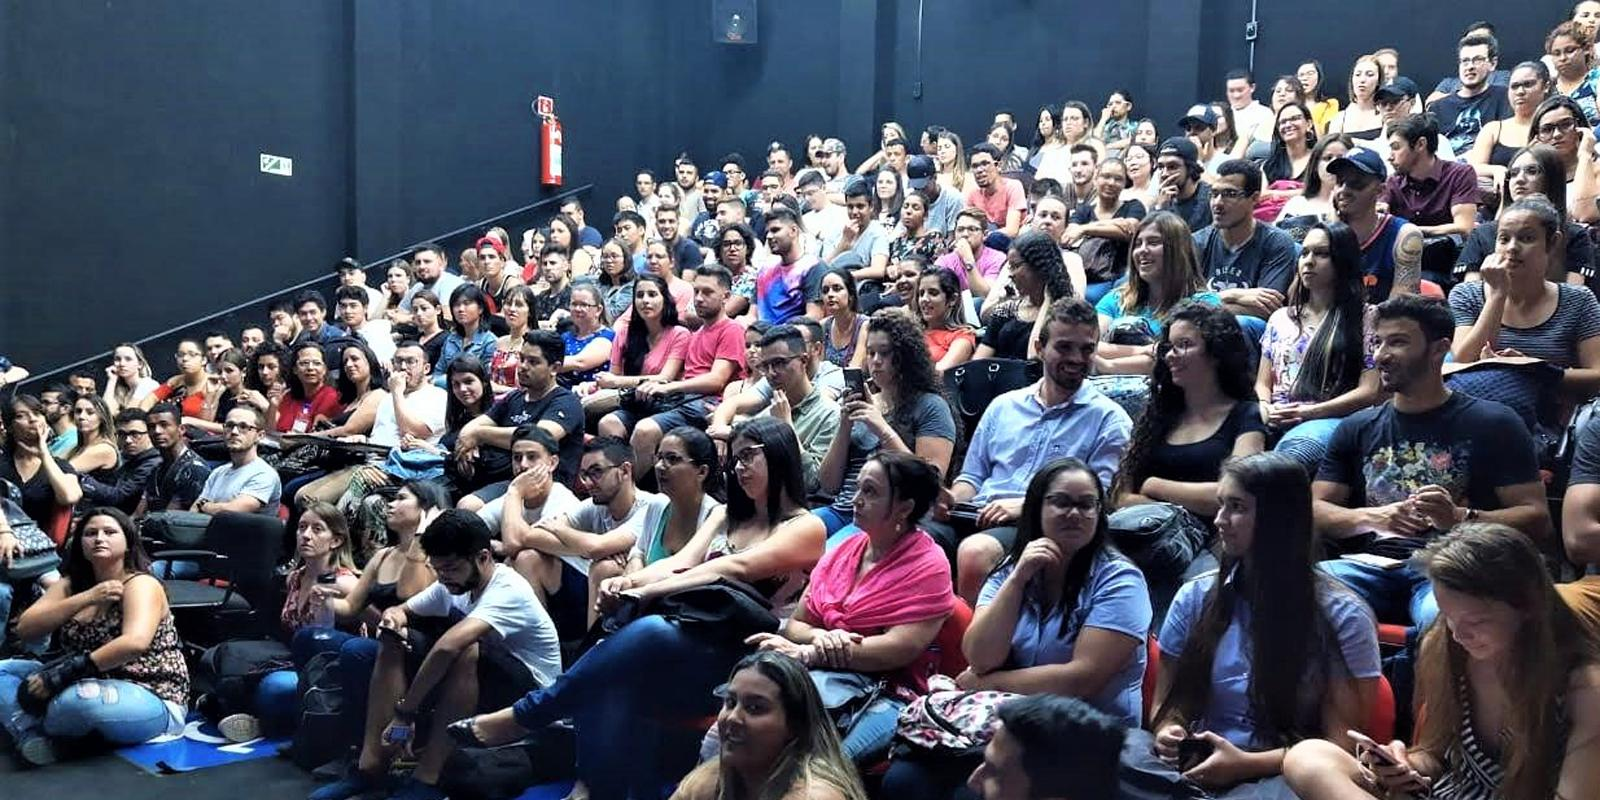 Plenárias da CPA contaram com significativa participação dos alunos